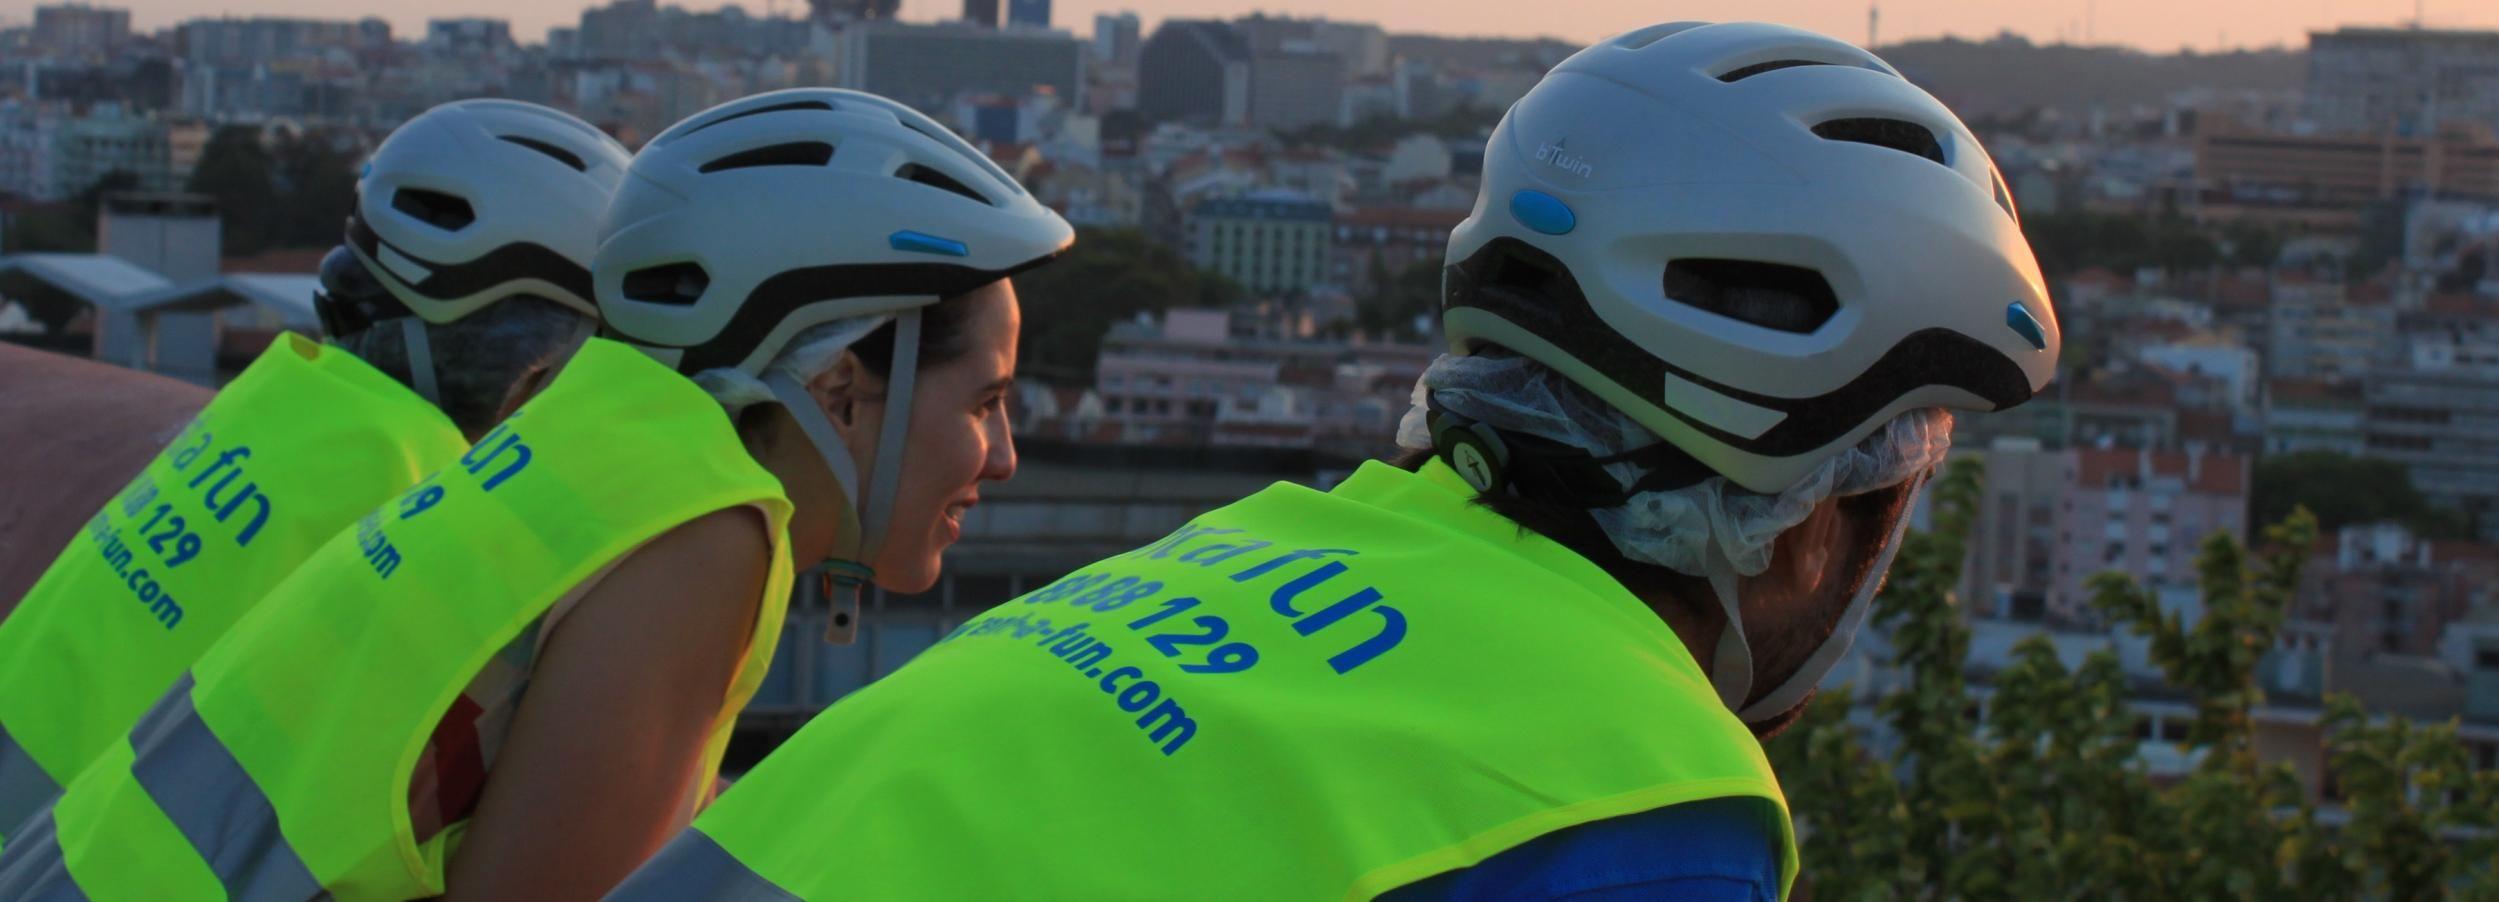 Lisboa: Excursão de Bicicleta Elétrica à Noite